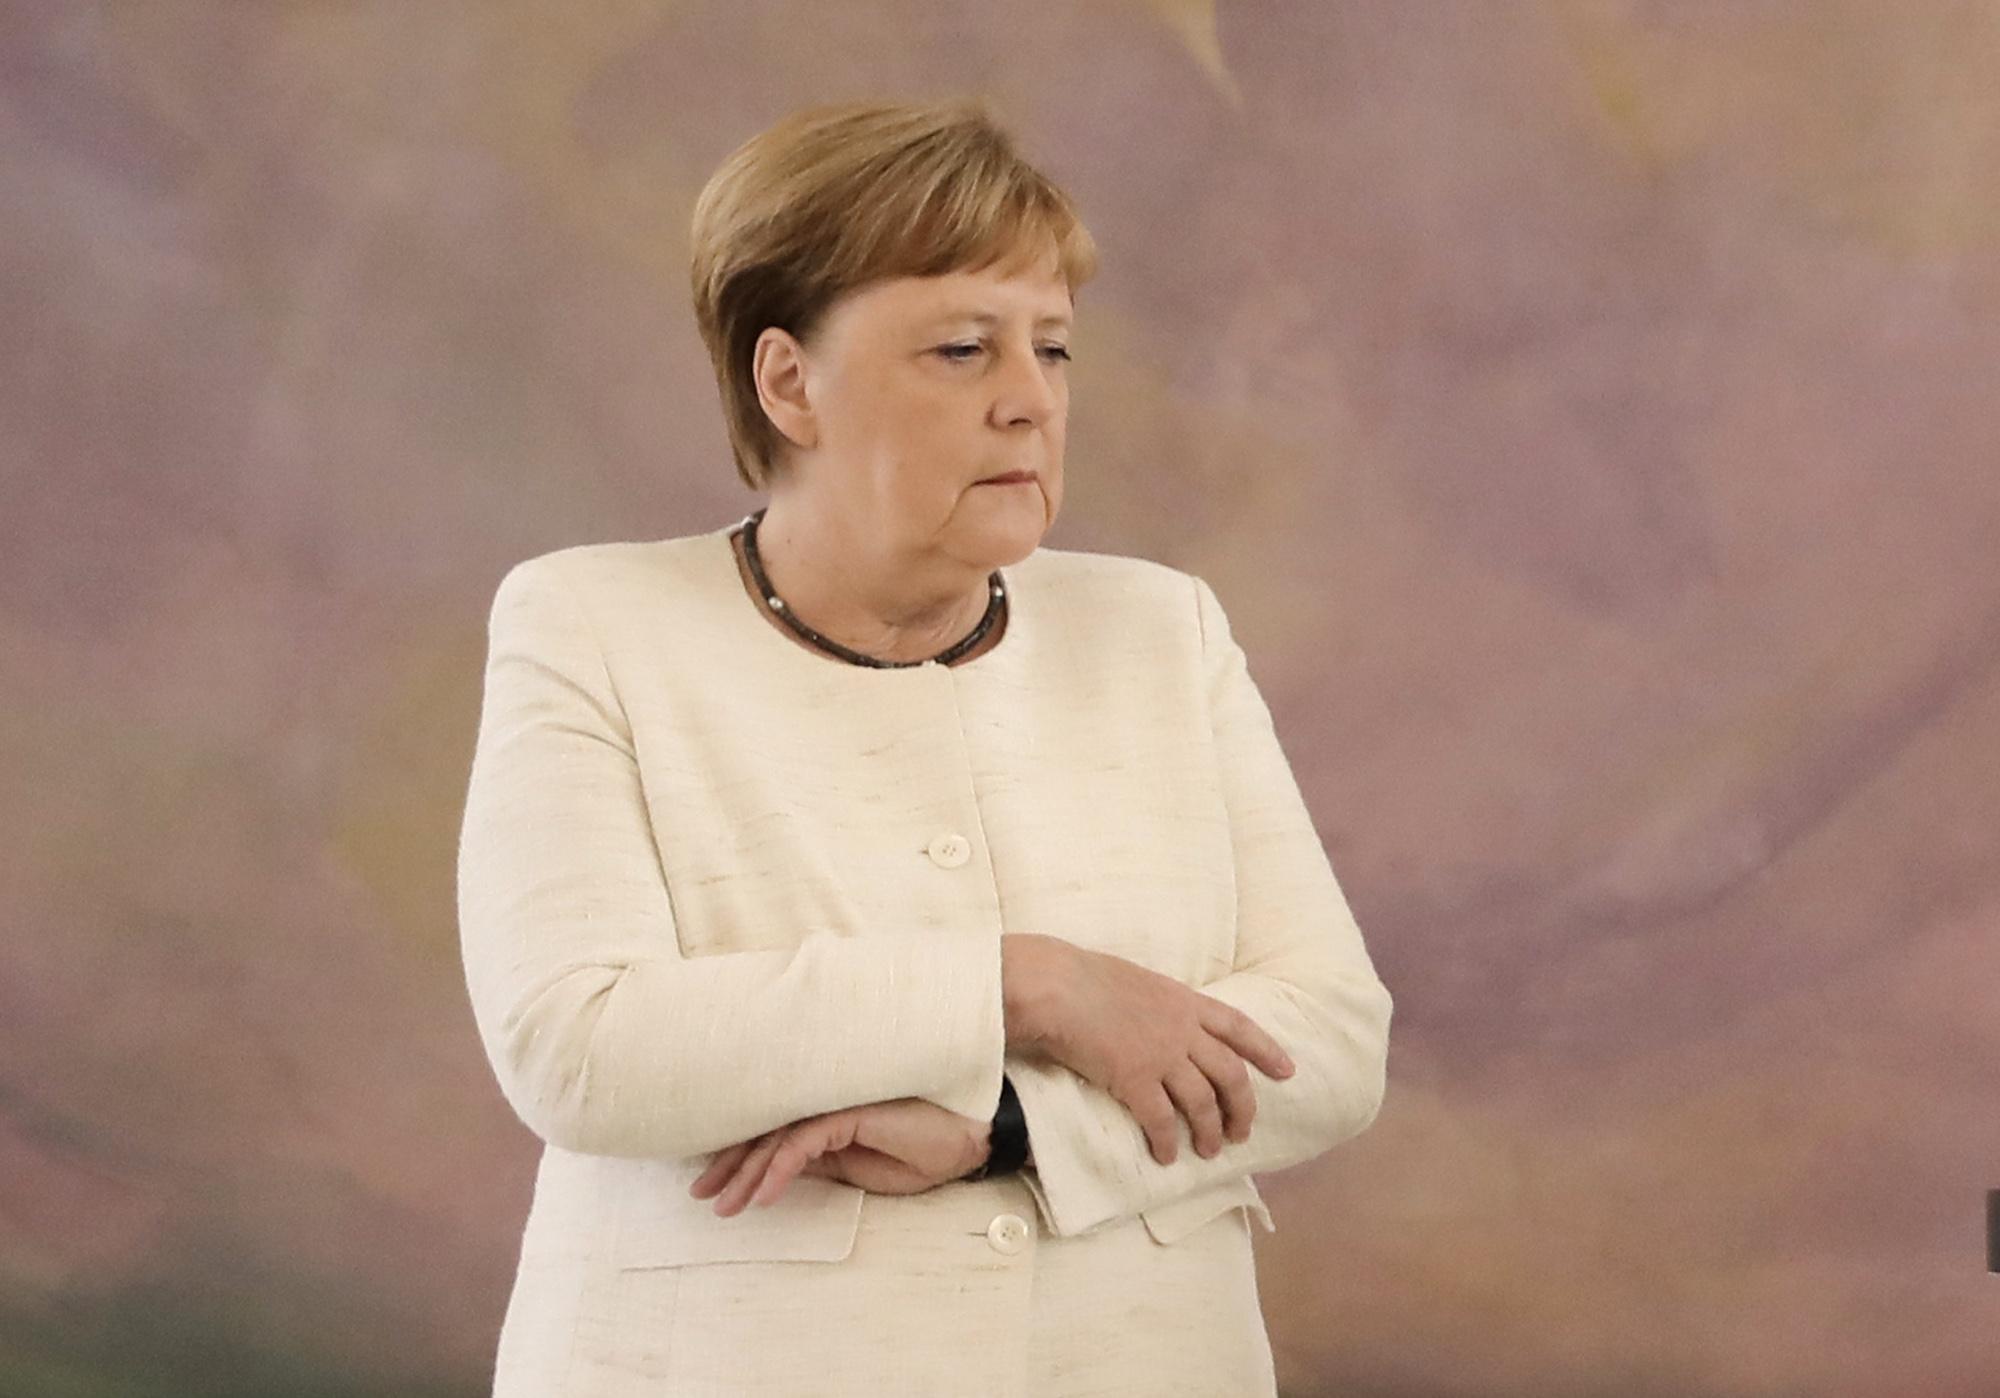 Hétfőn érkezik Sopronba Angela Merkel, lezárások lesznek városszerte